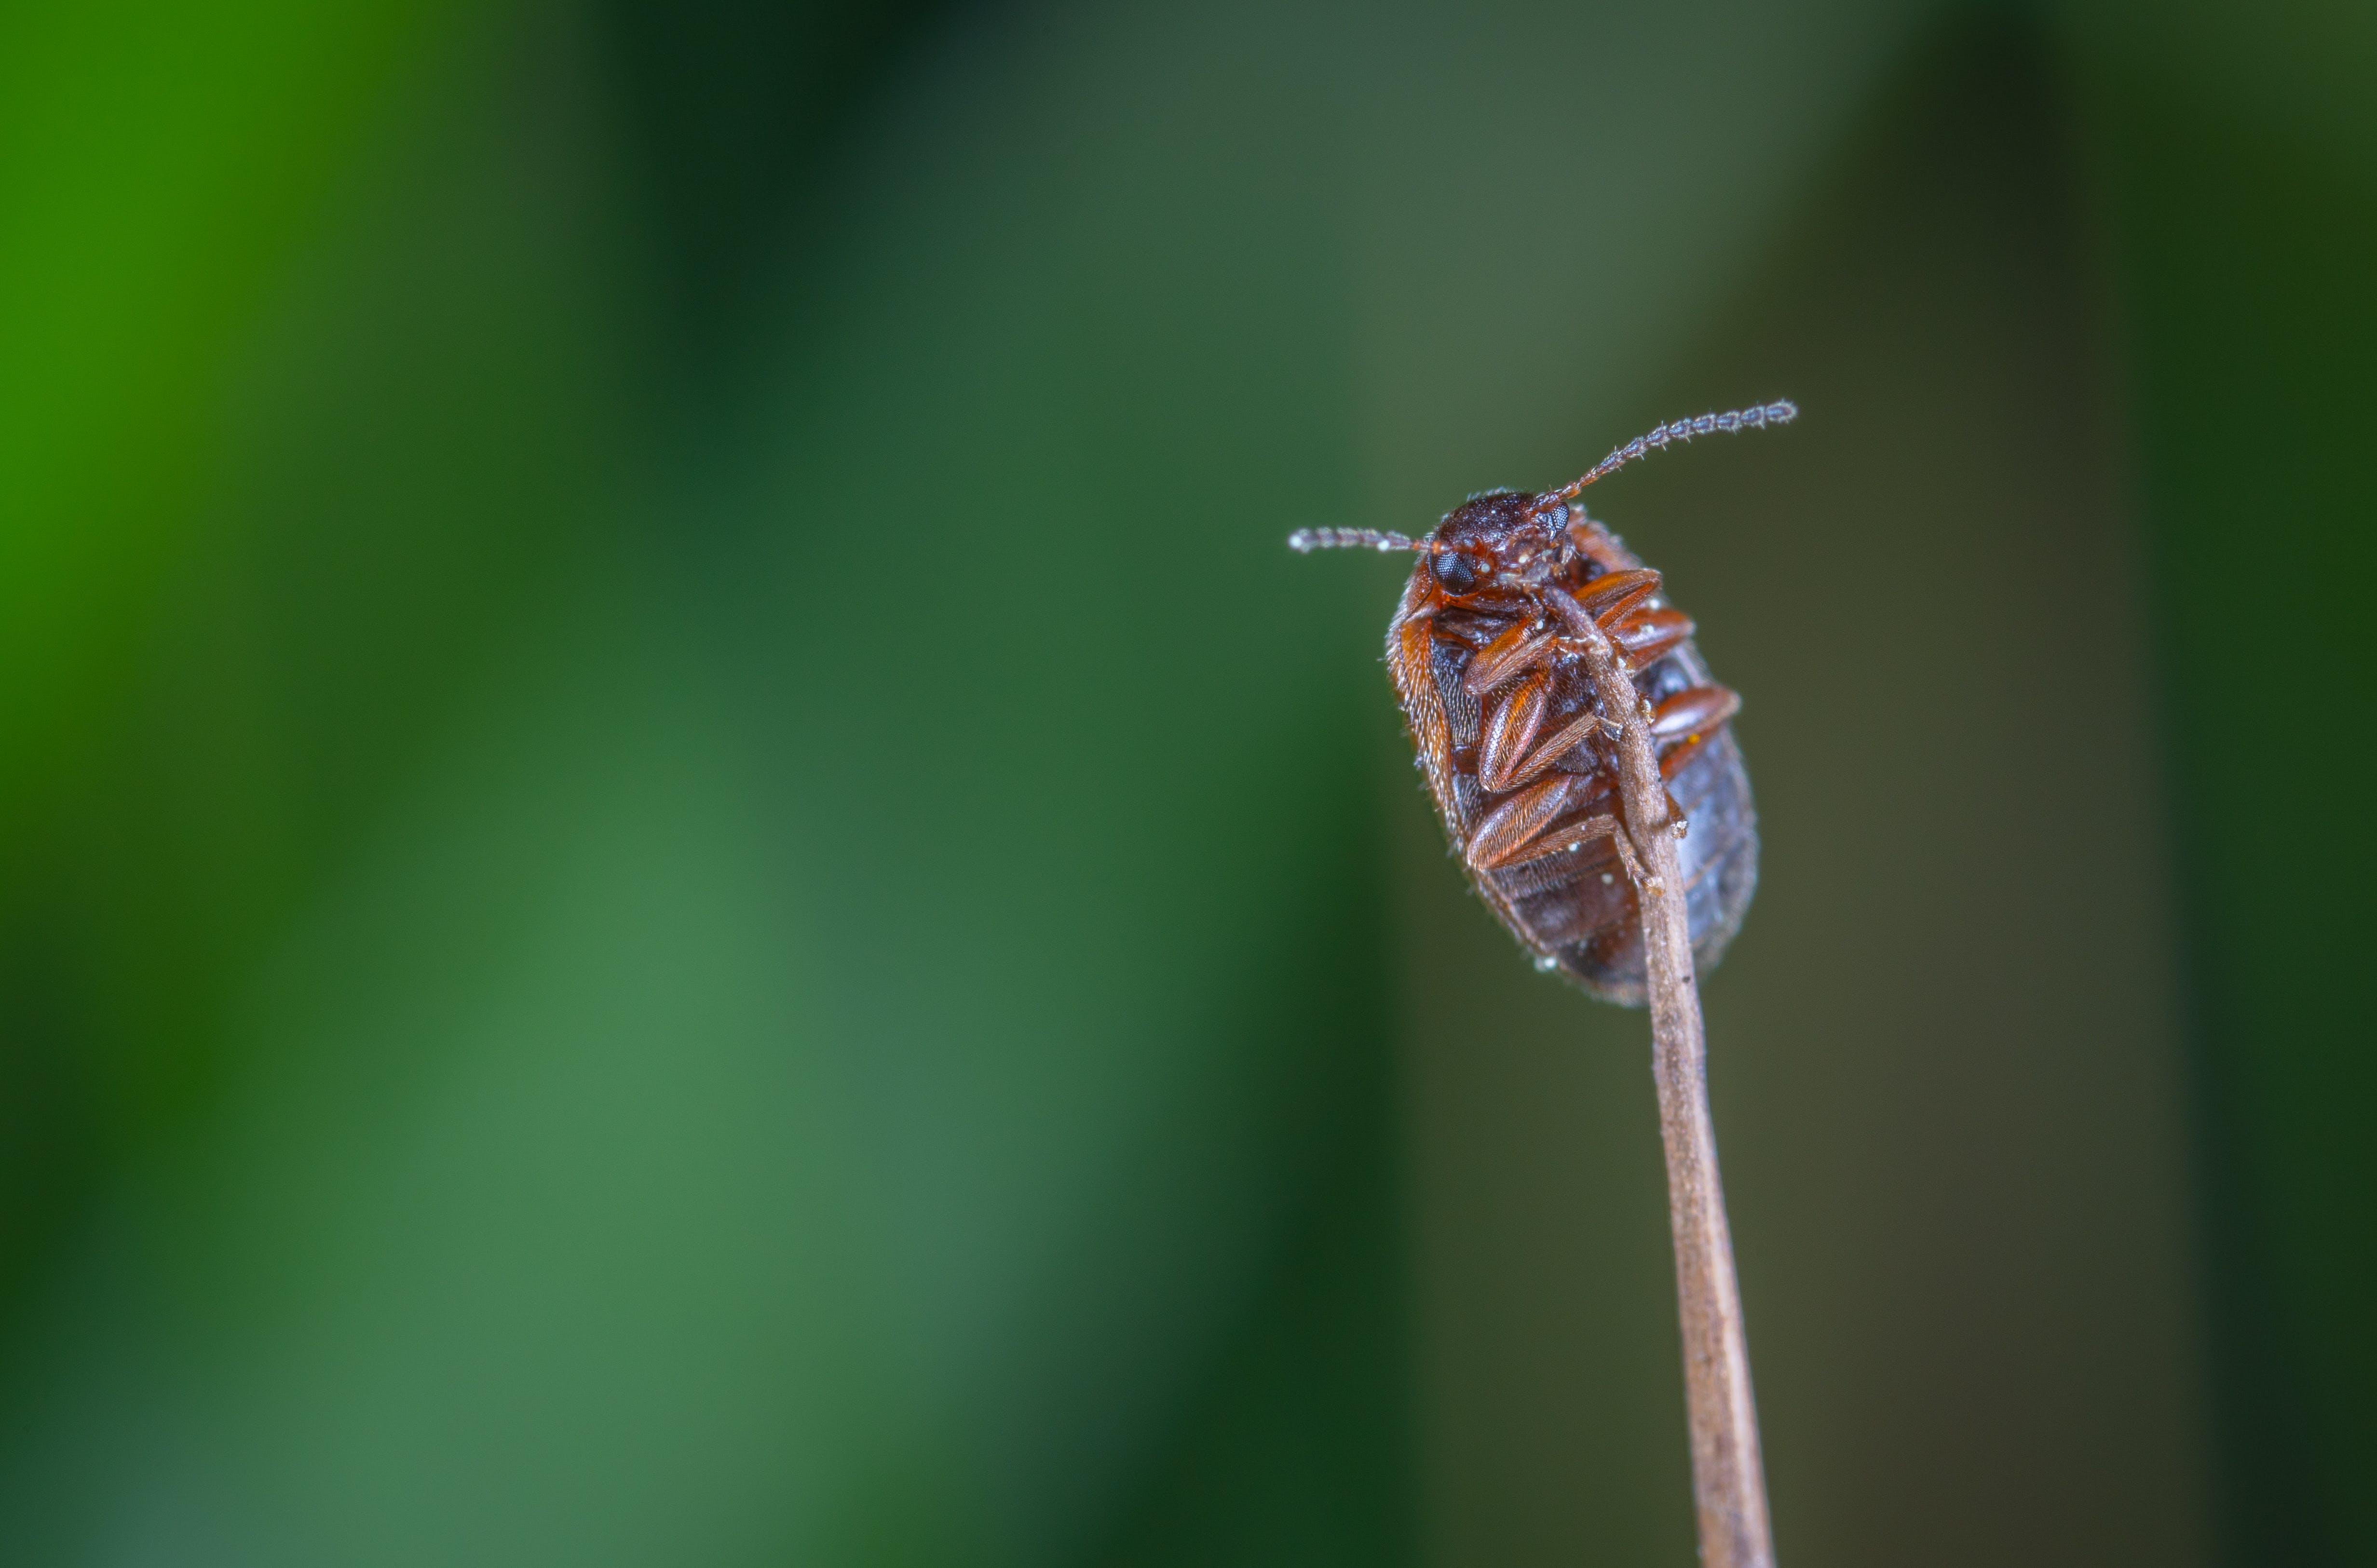 Macro Photo of Brown Beetle on Brown Stem